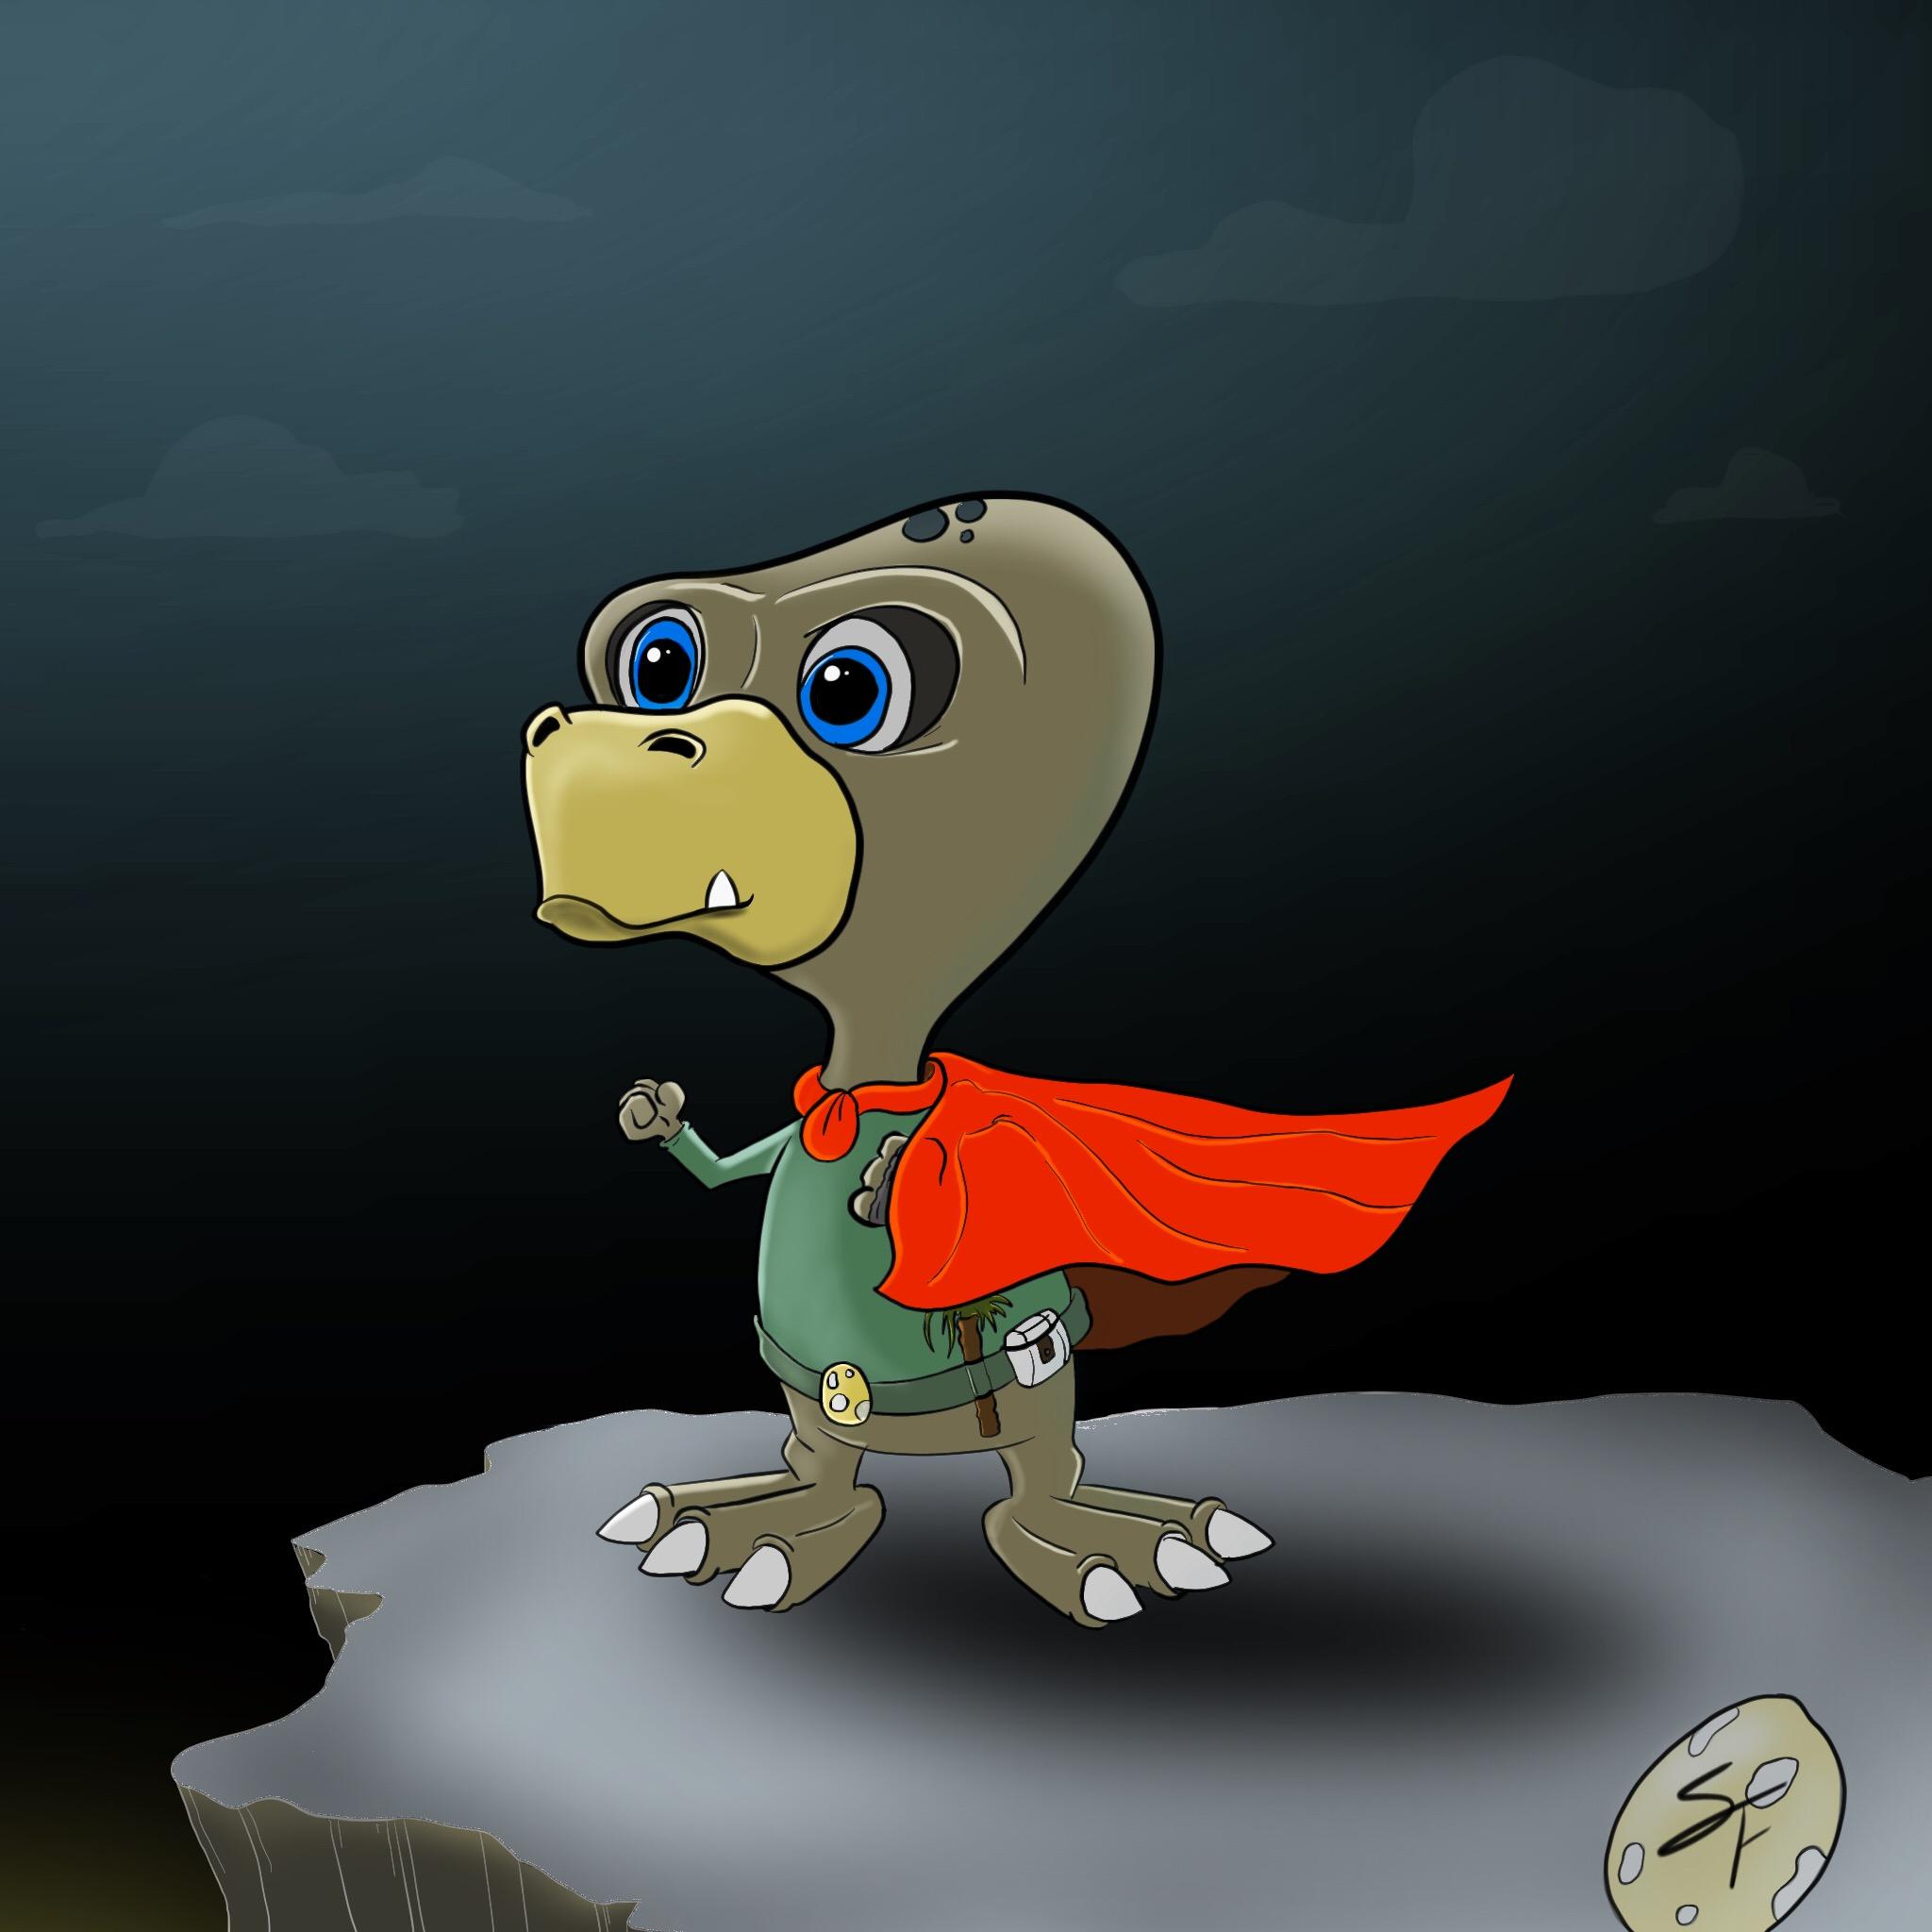 Dinosaur superhero